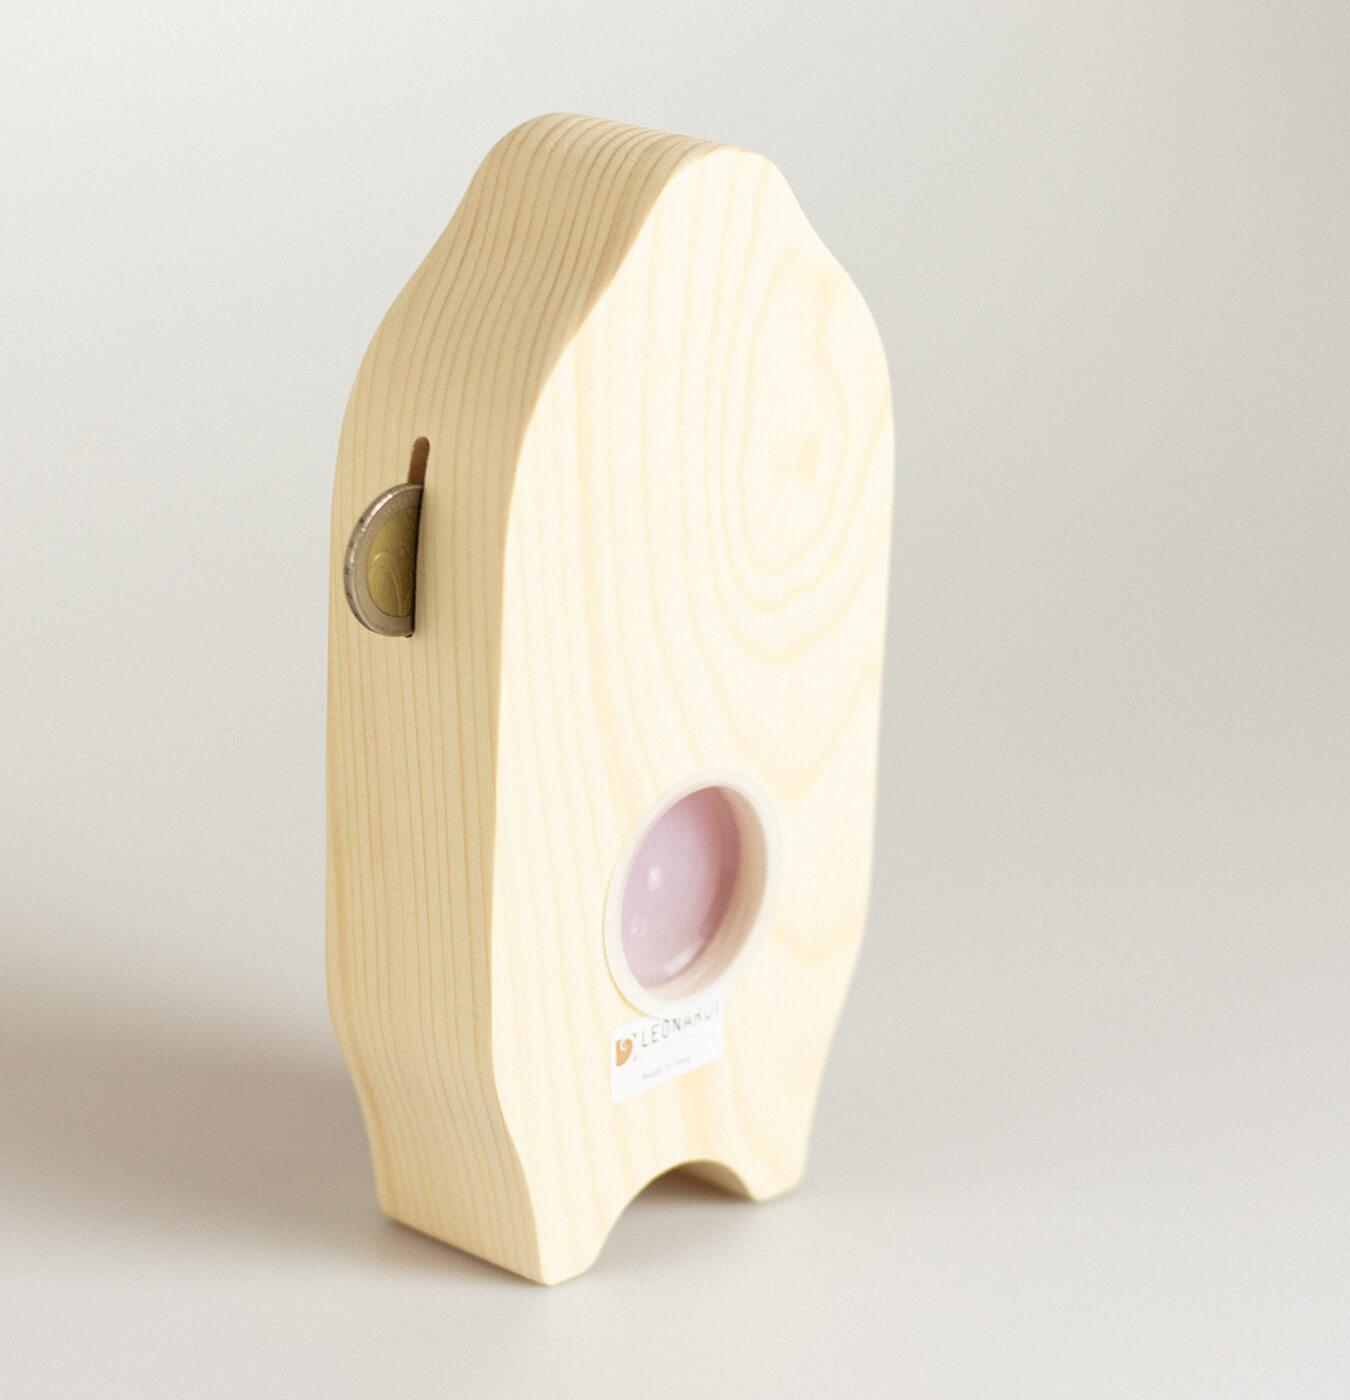 Salvadanio in legno di abete